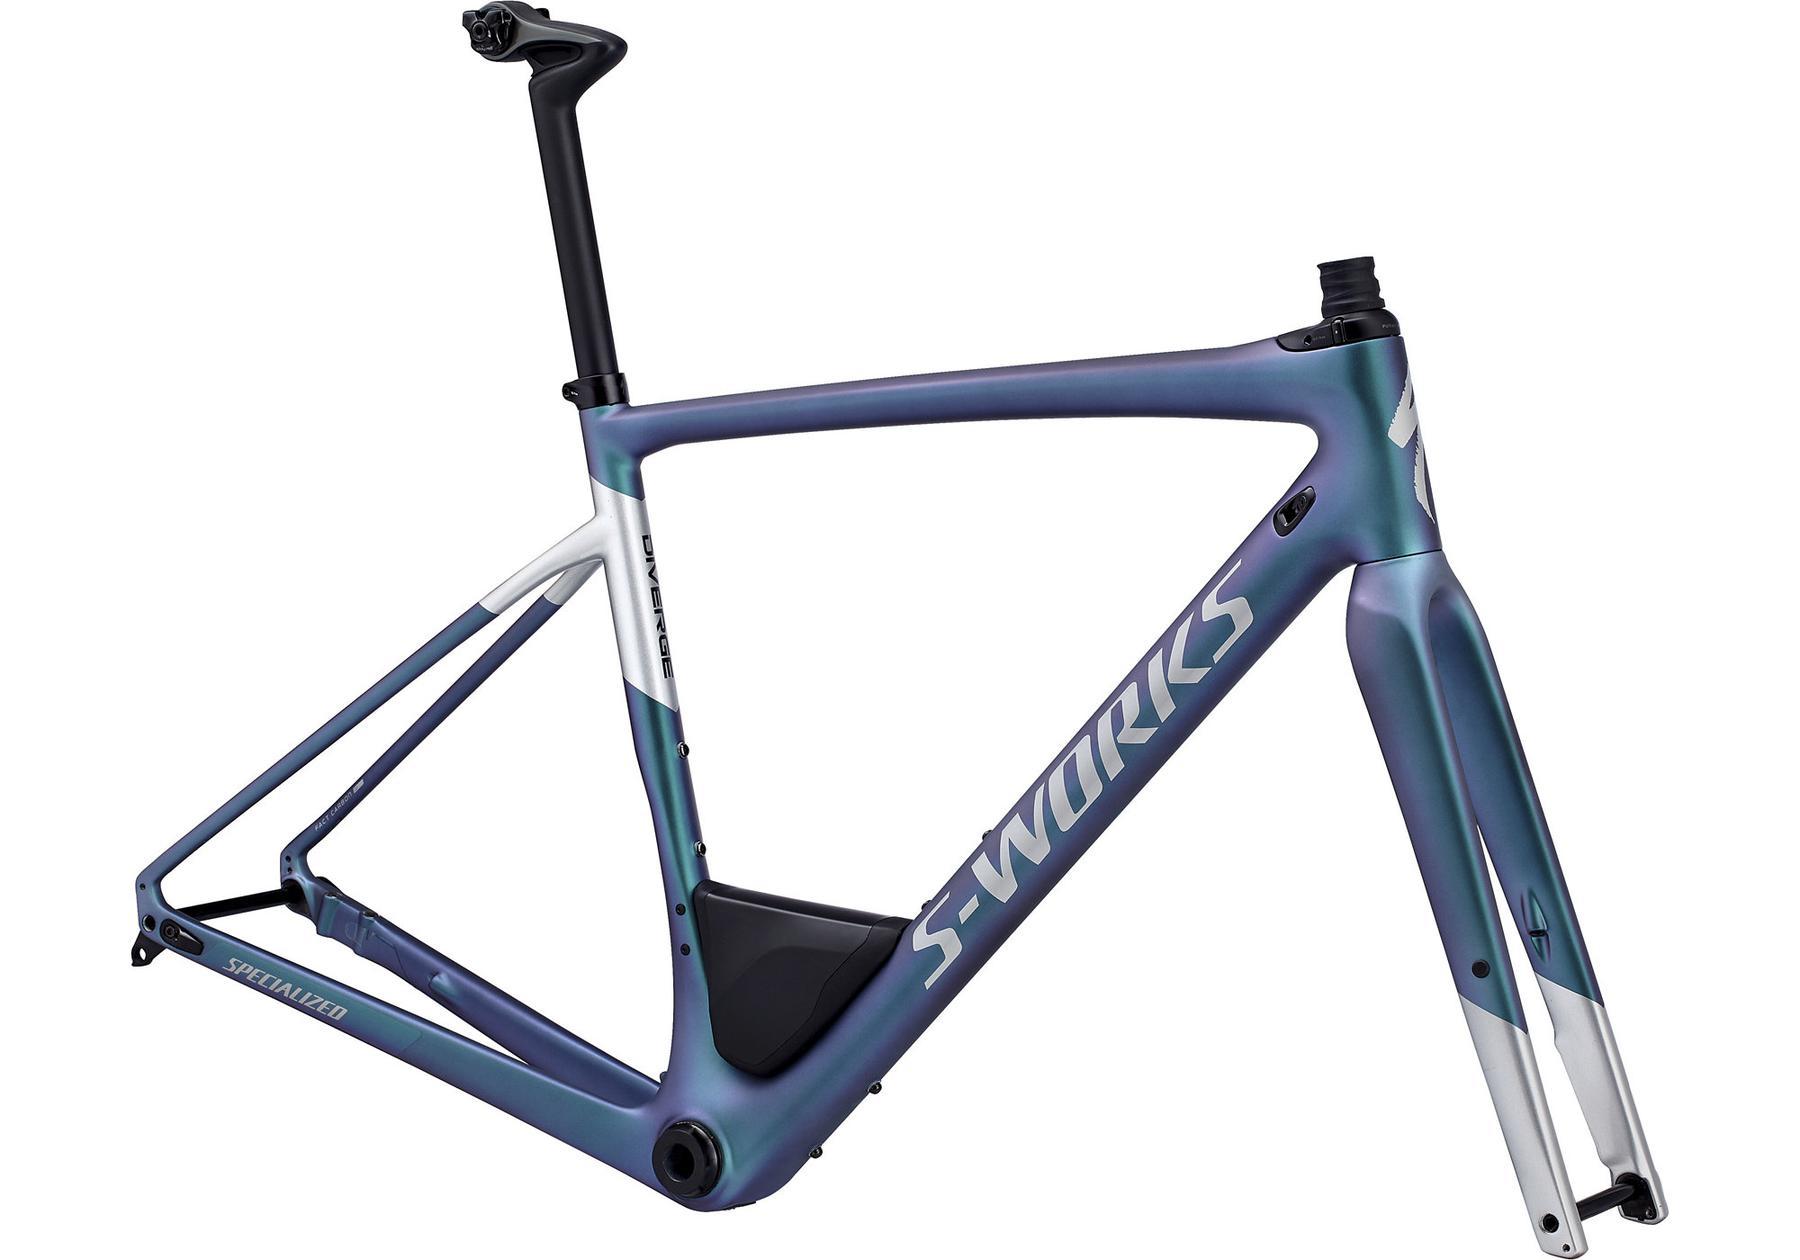 Specialized S-Works Diverge Rahmenset Fahrradrahmen Rennrad 2018